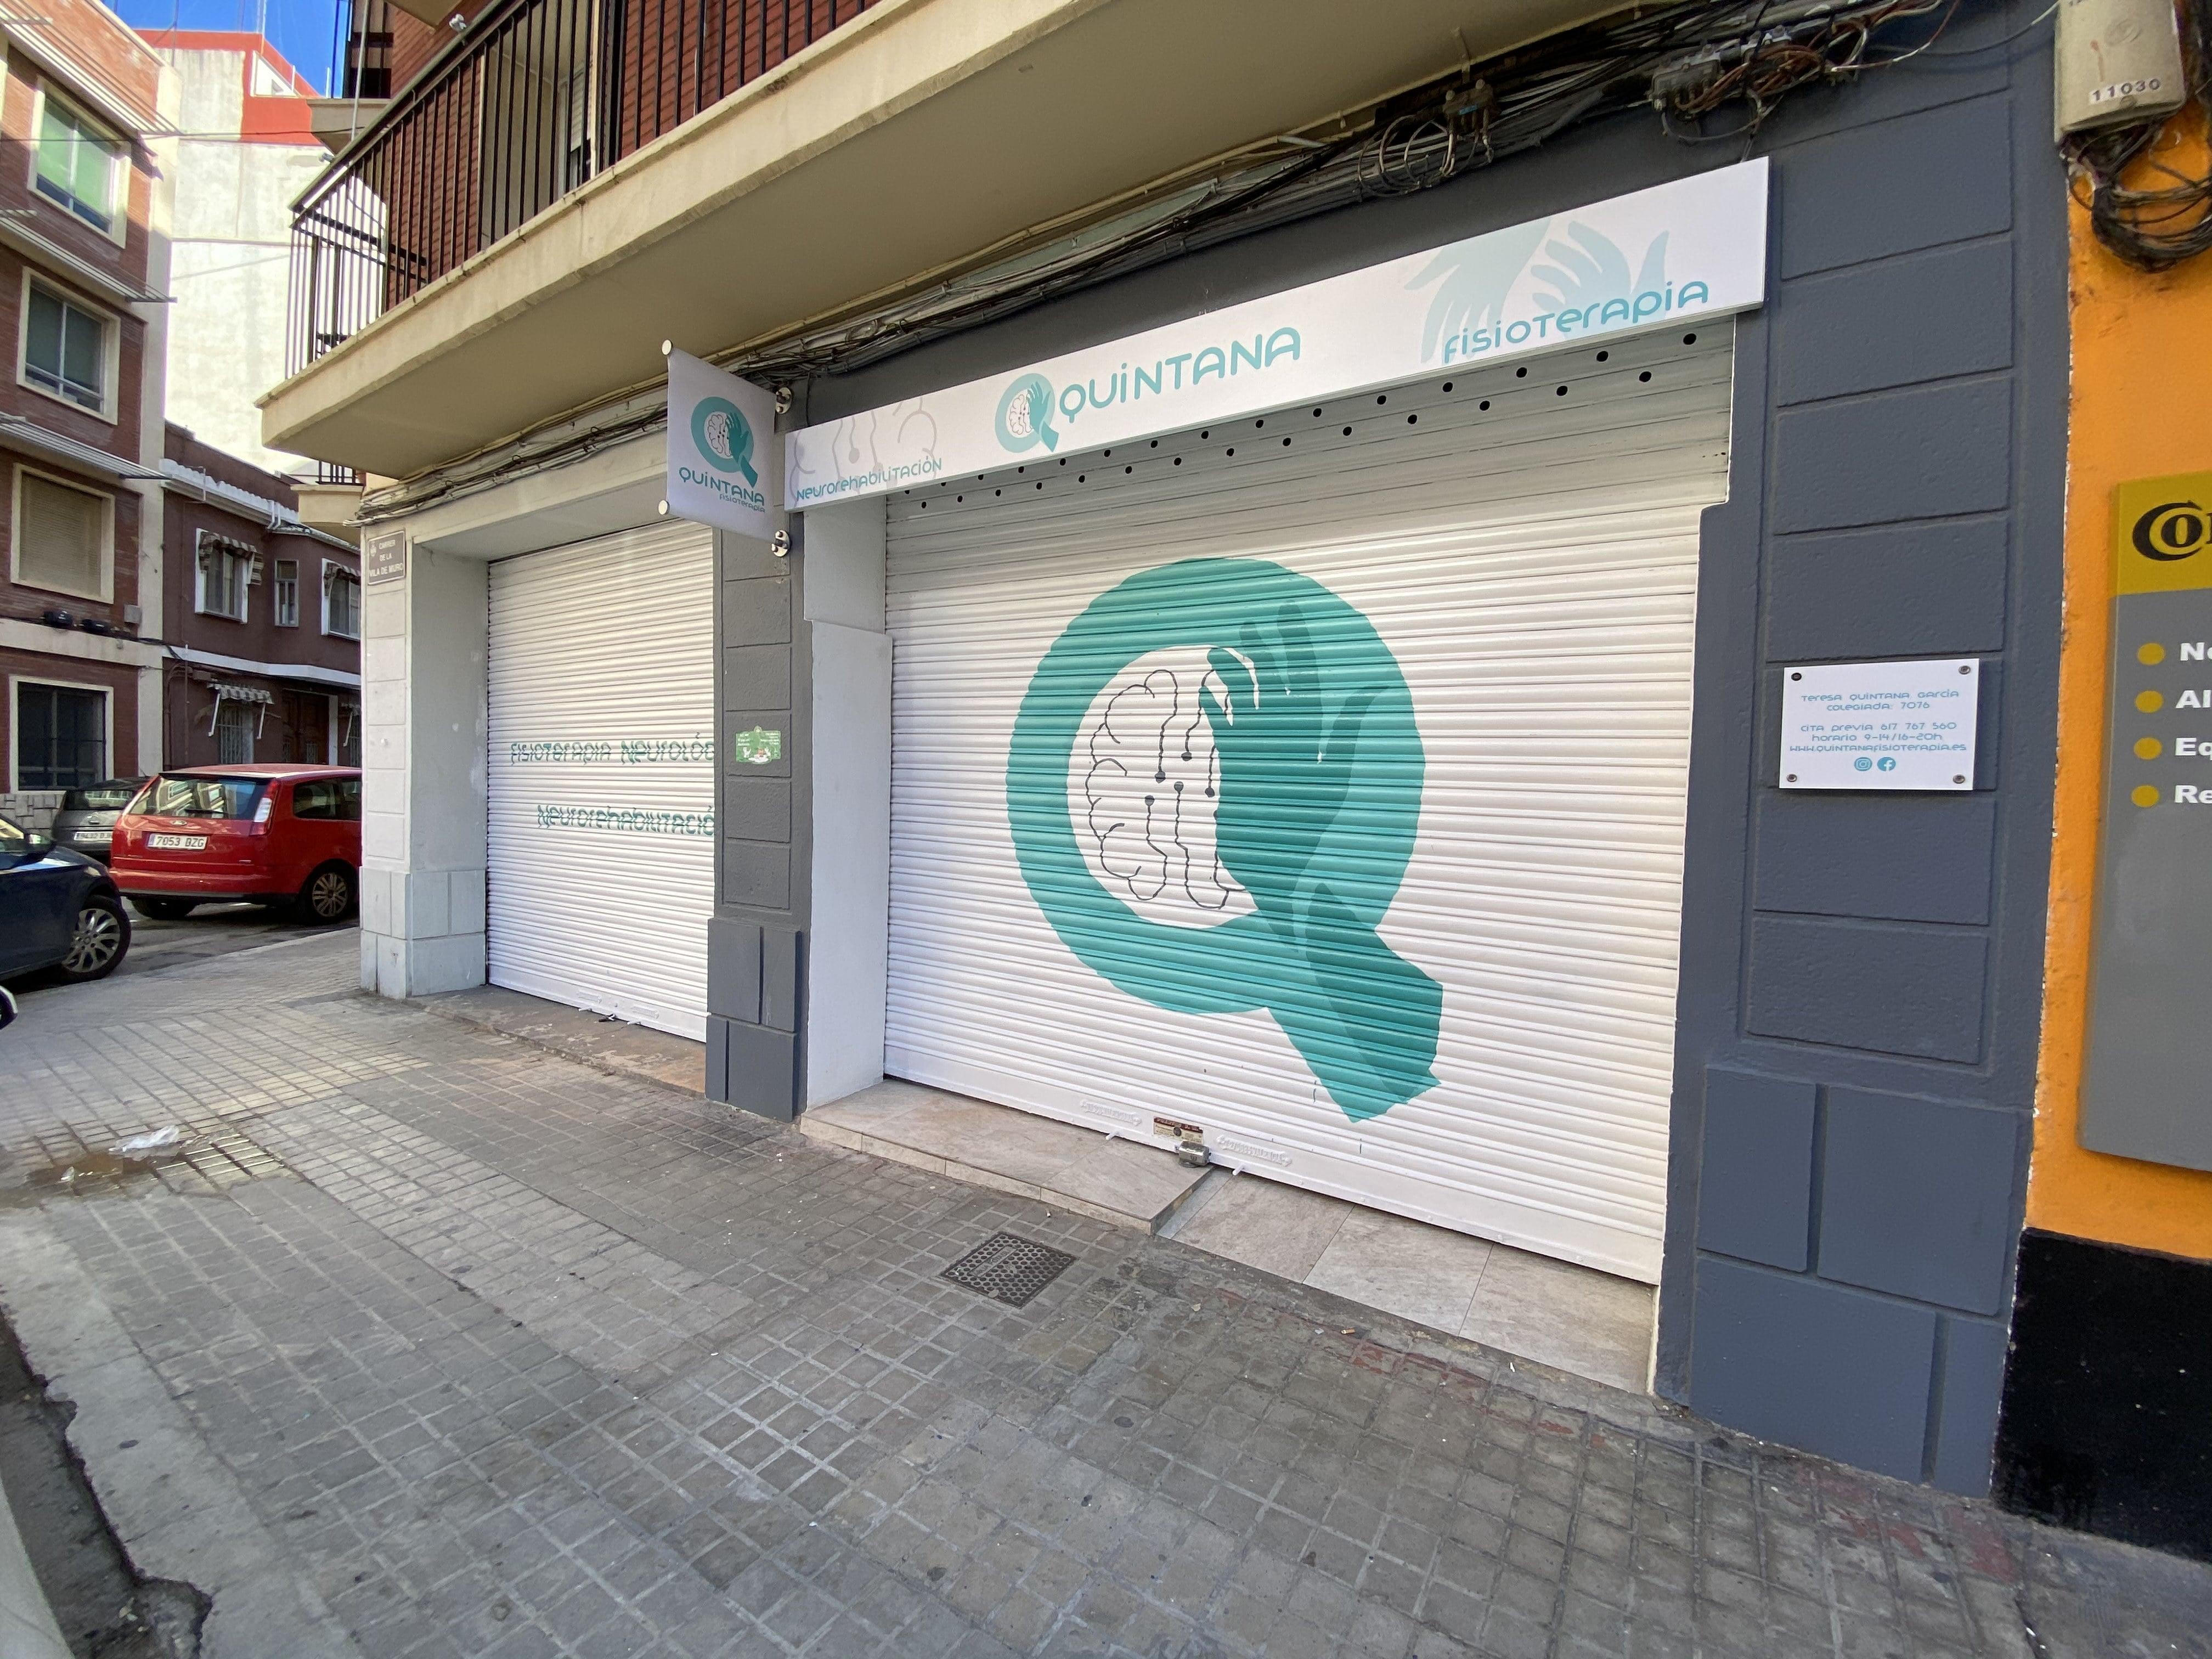 Tu fisioterapeuta a domicilio para facilitar tu salud y bienestar - Teresa Quintana, fisioterapeuta en Valencia.